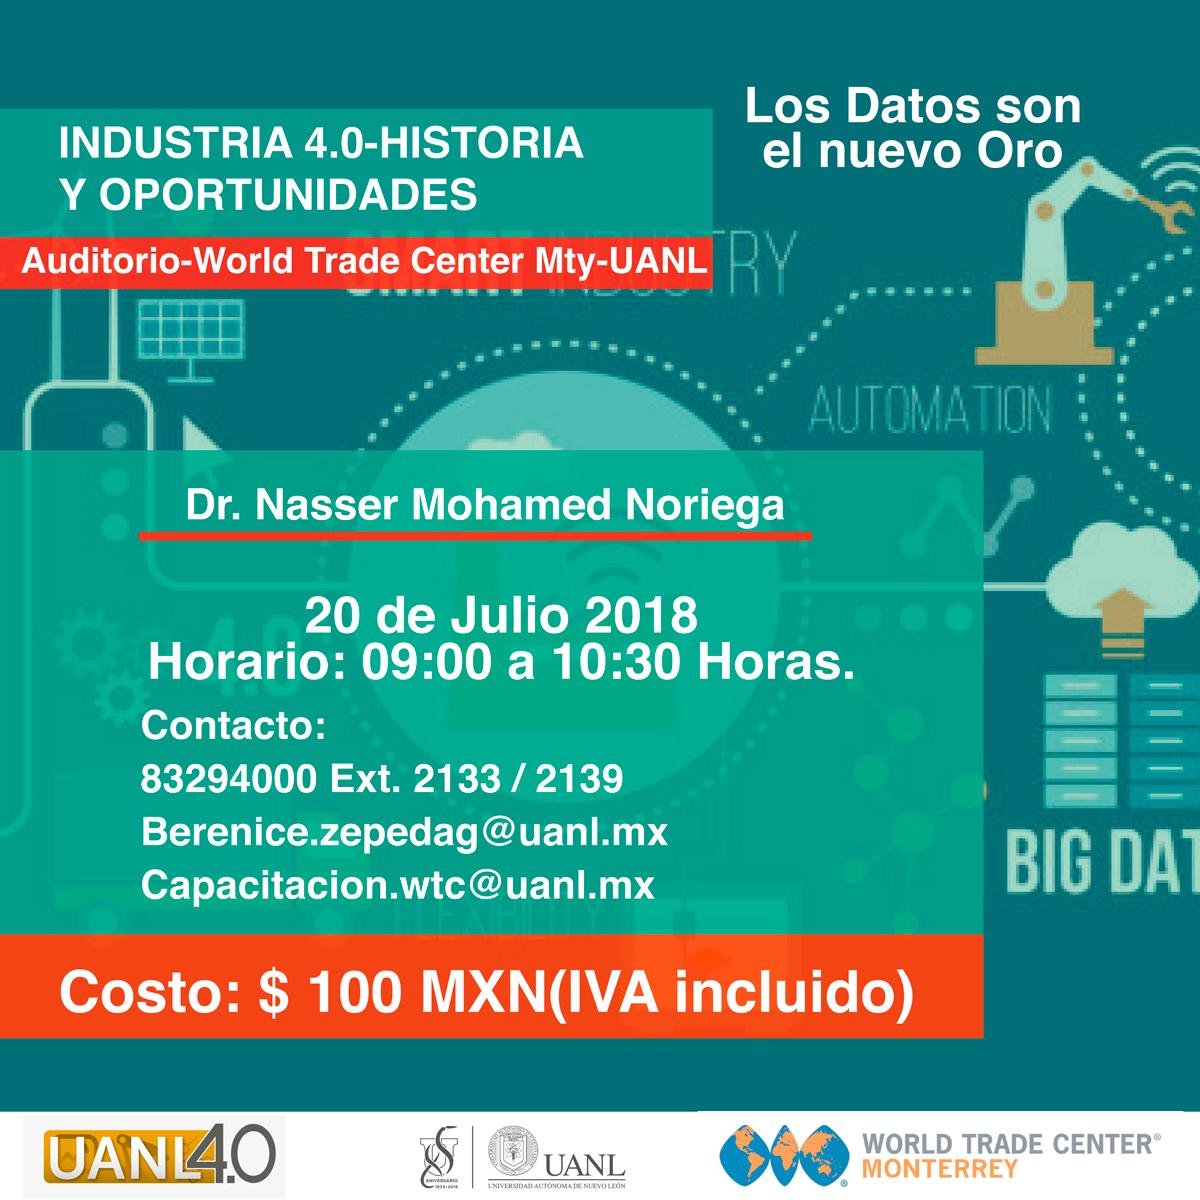 Industria 4.0-Historia y Oportunidades